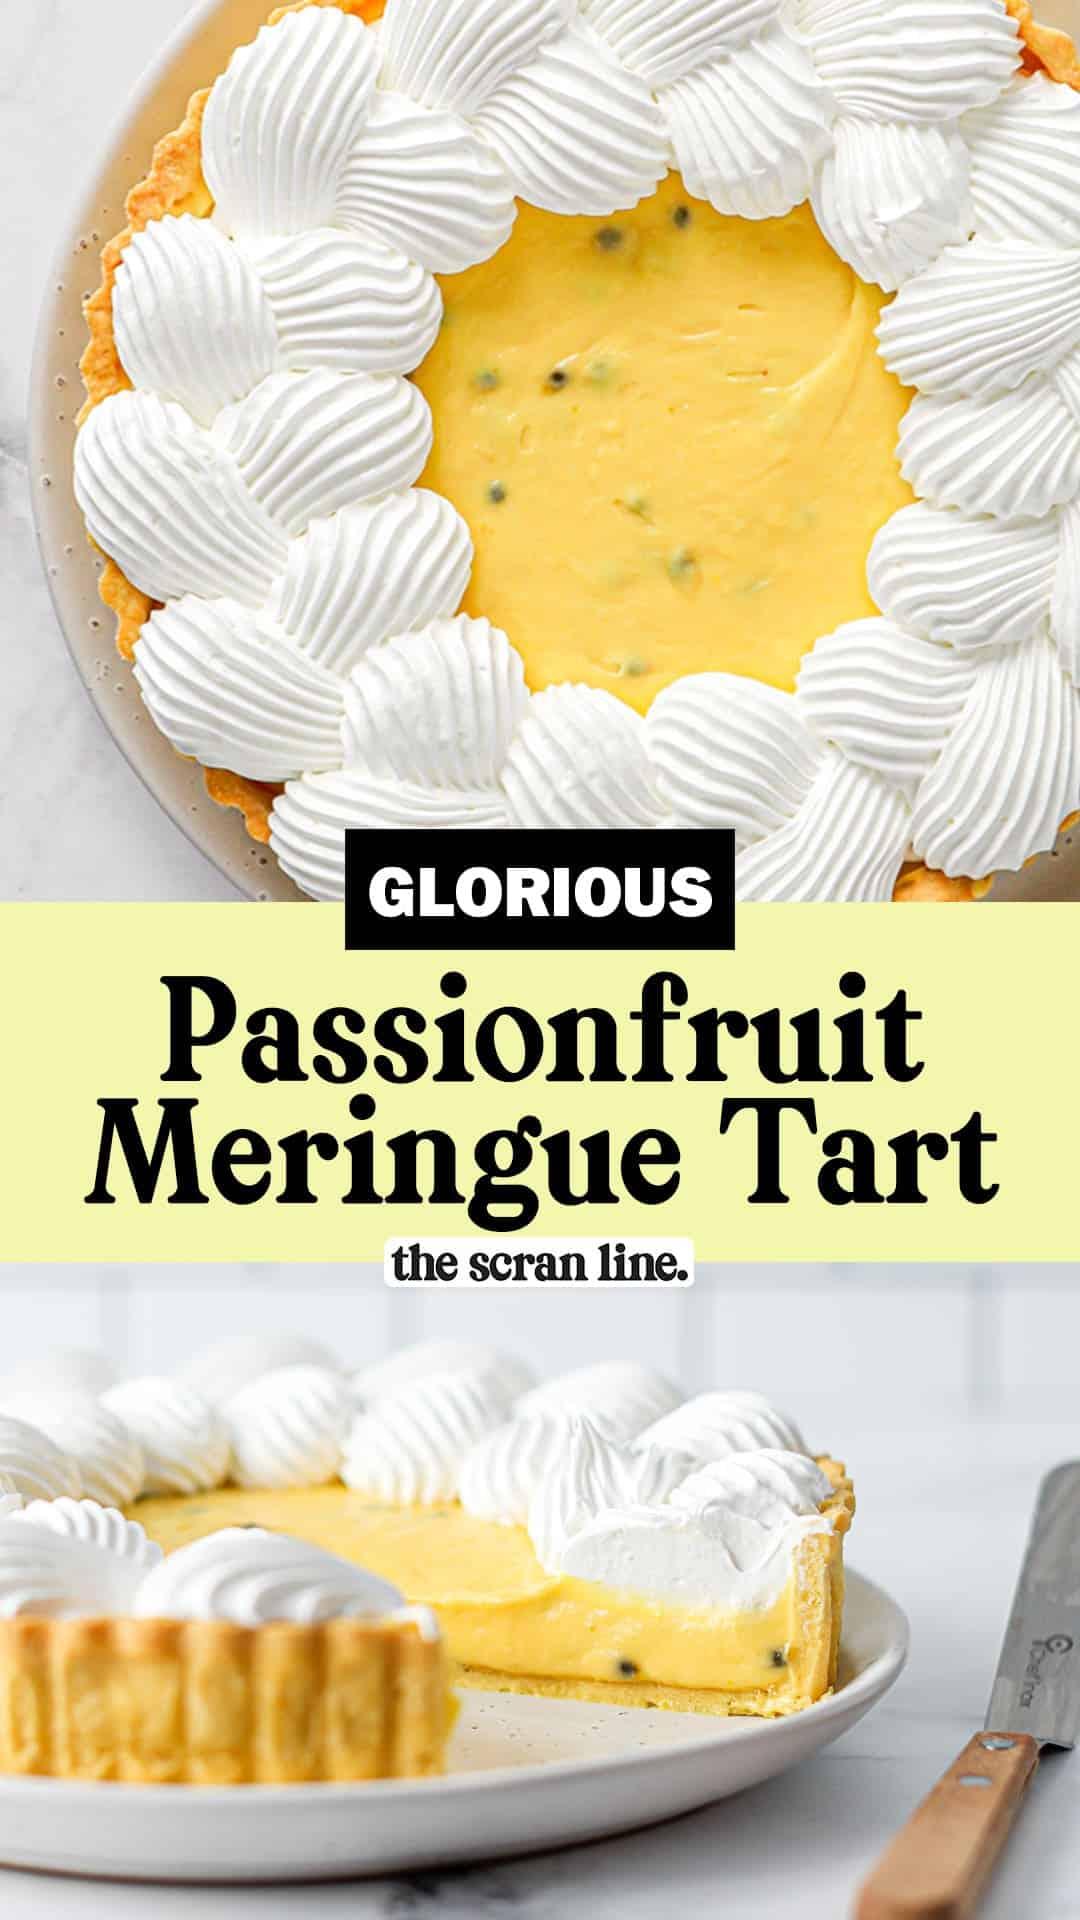 Pinterest image for Passionfruit Meringue Tart